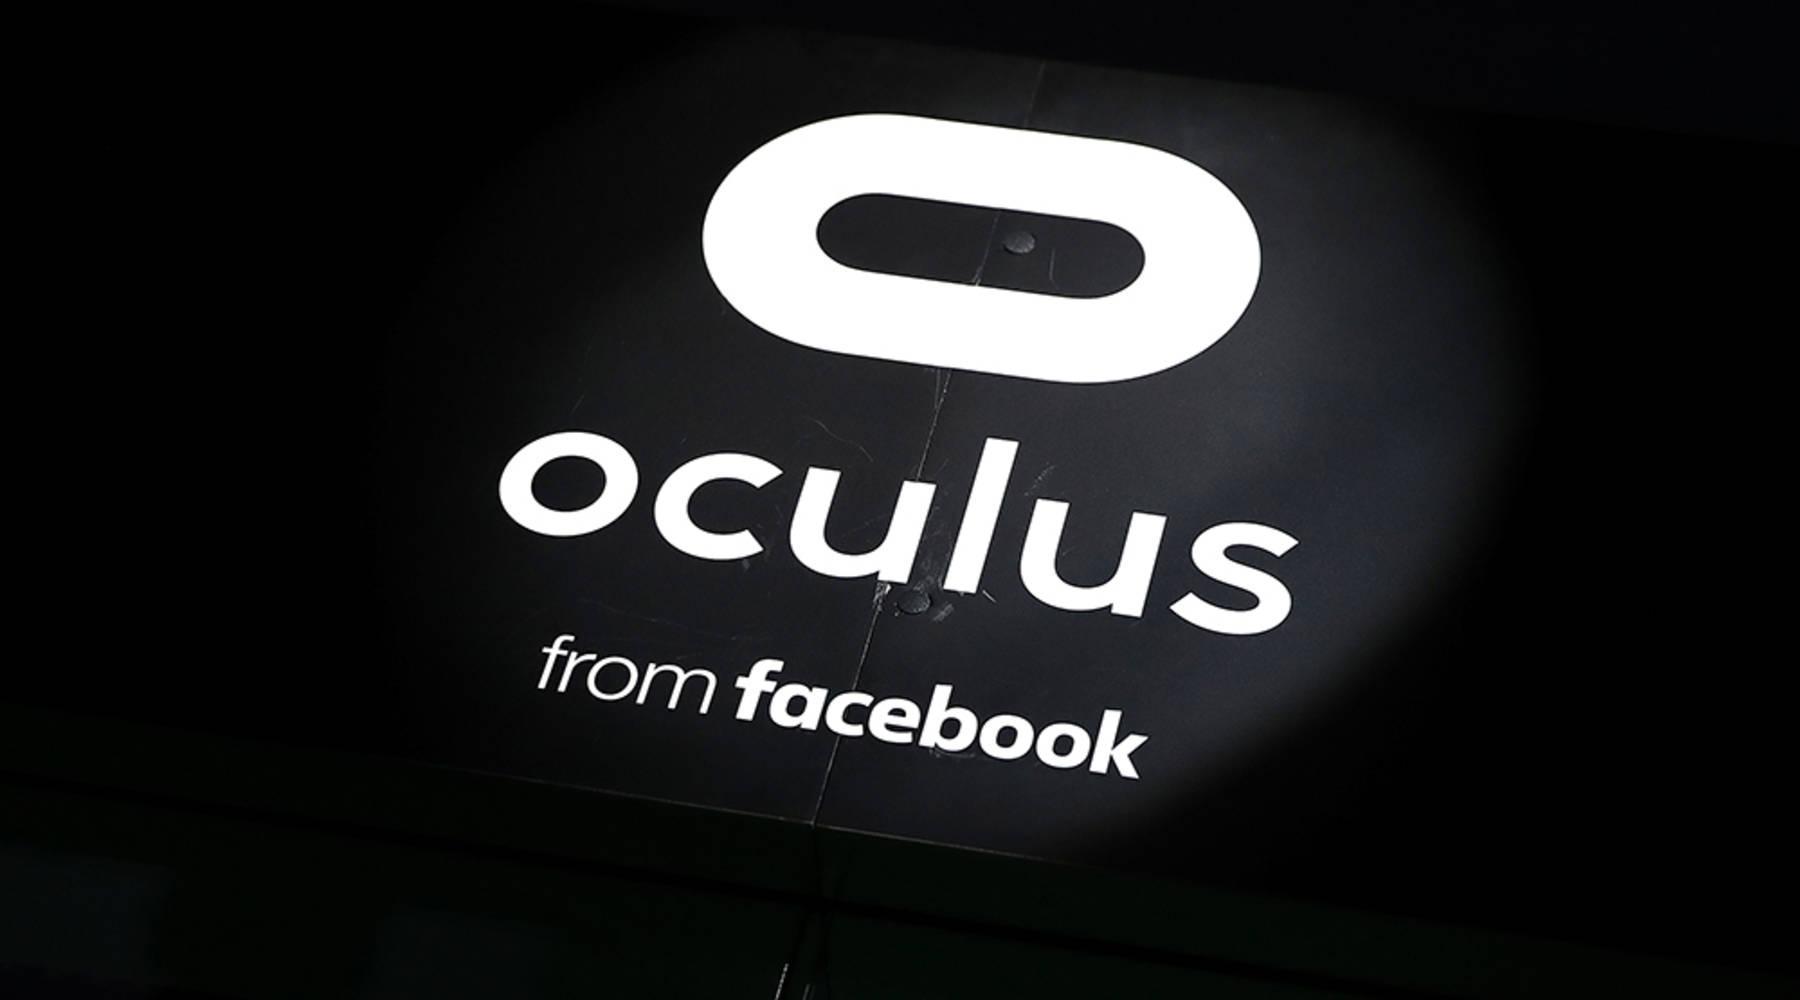 Resultado de imagen para oculus facebook